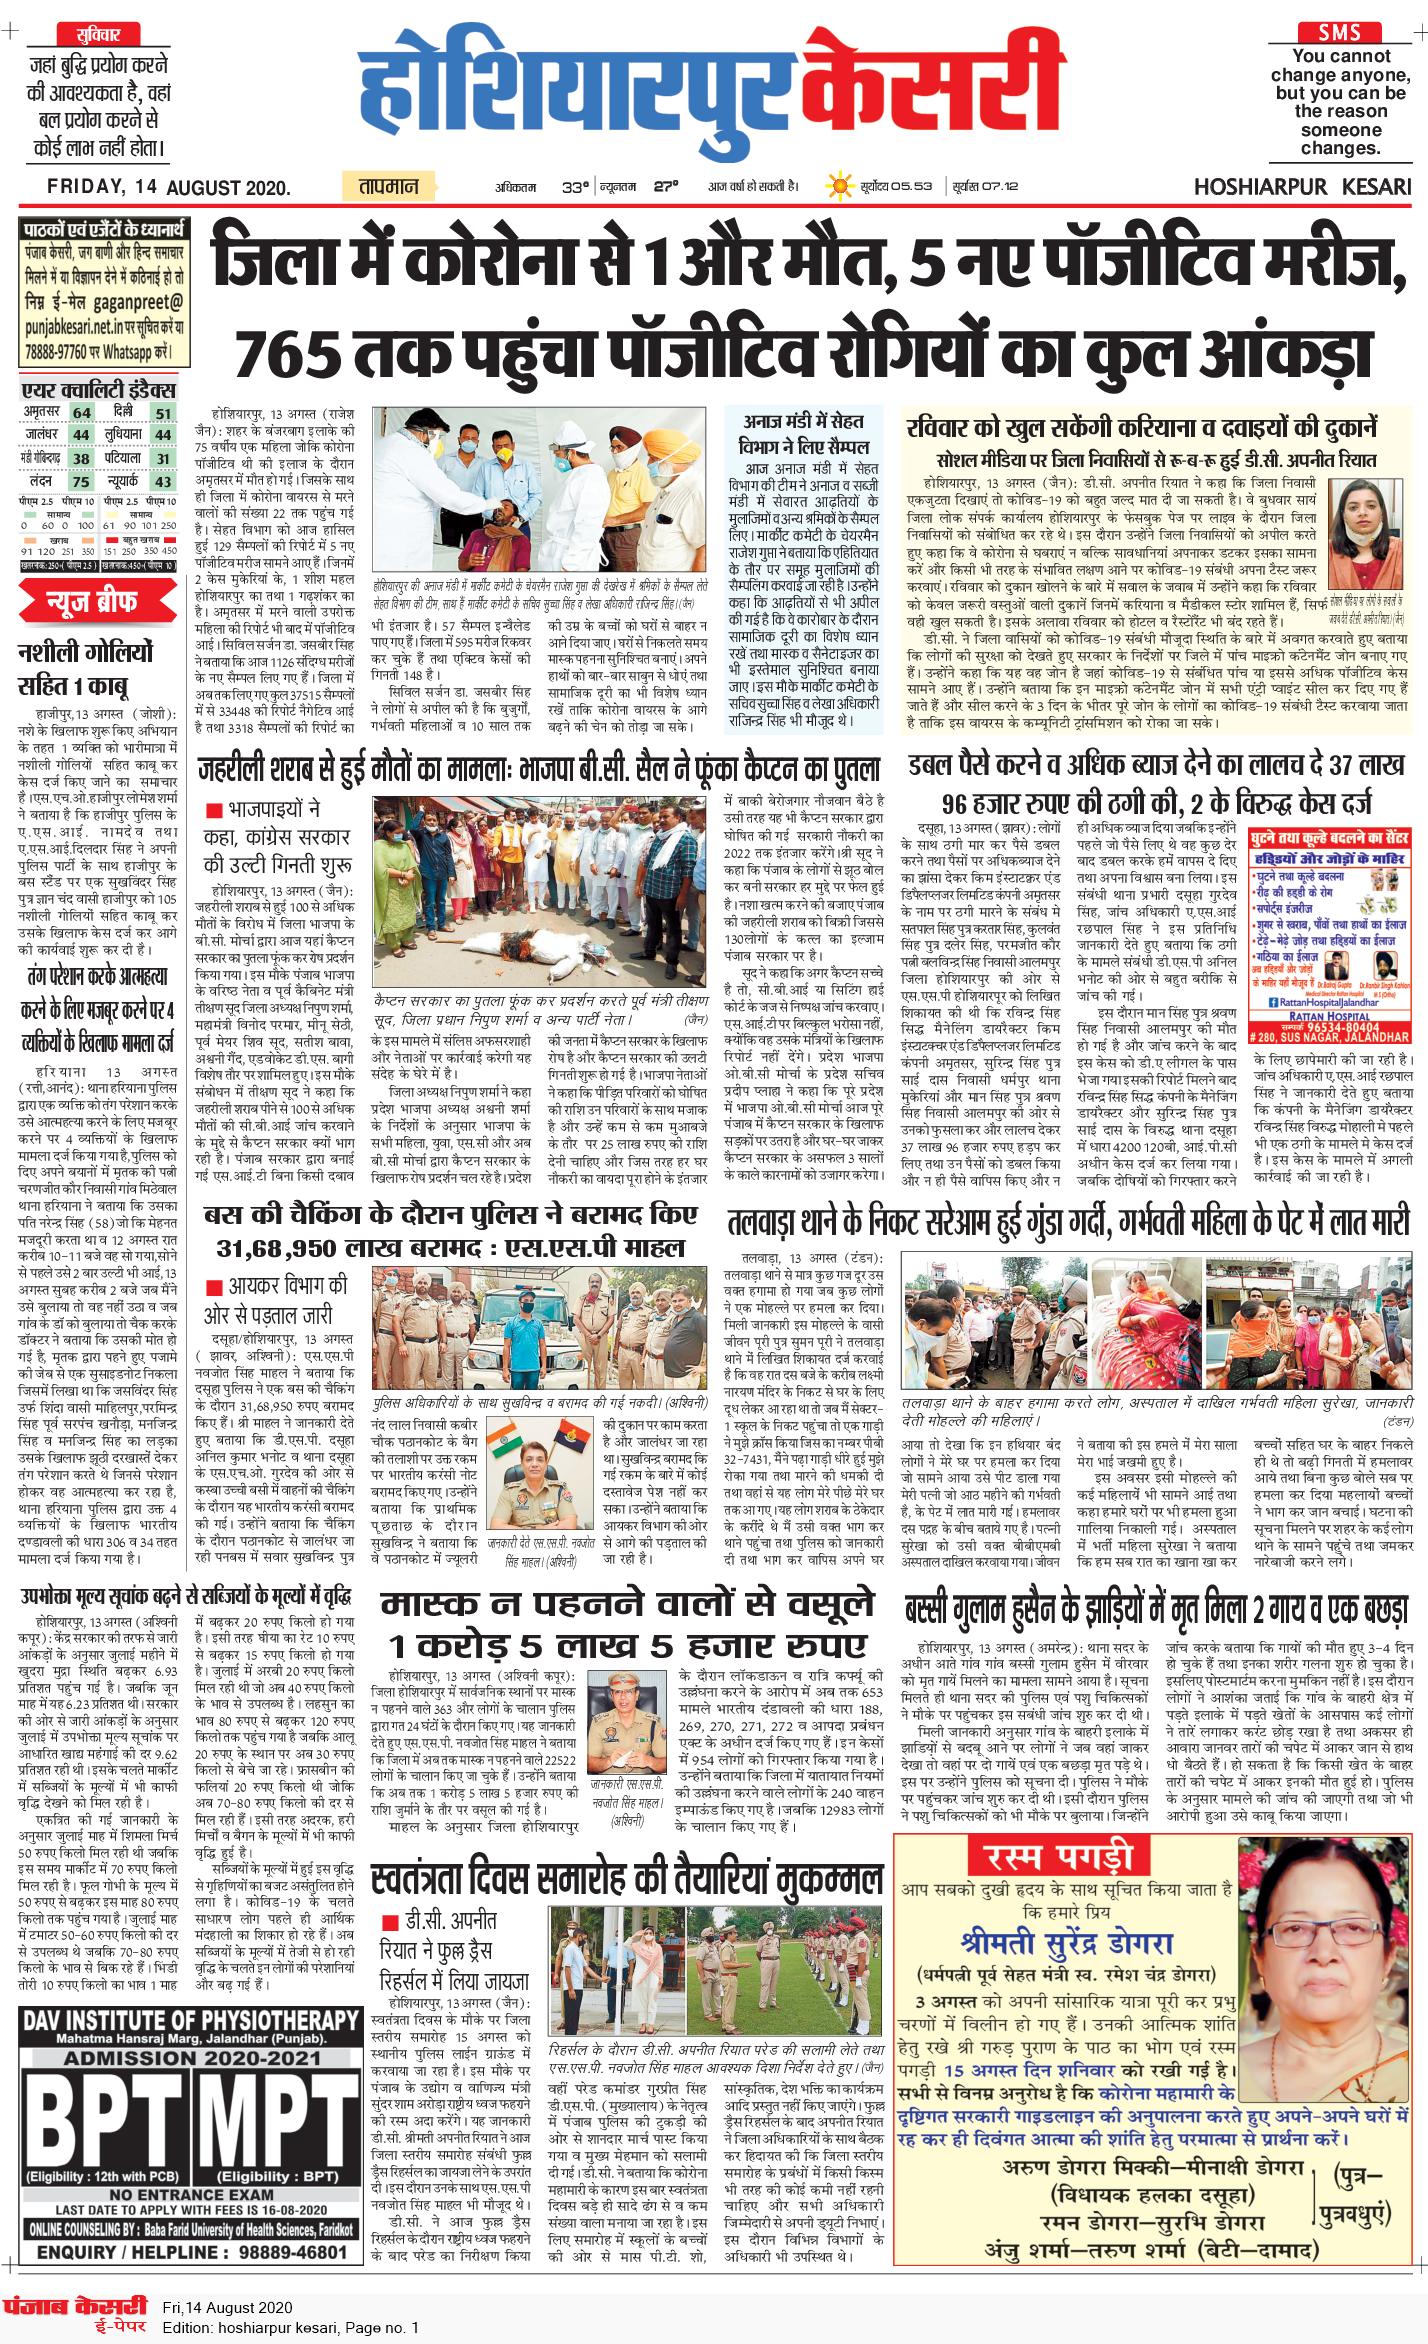 Hoshiarpur Kesari 8/14/2020 12:00:00 AM